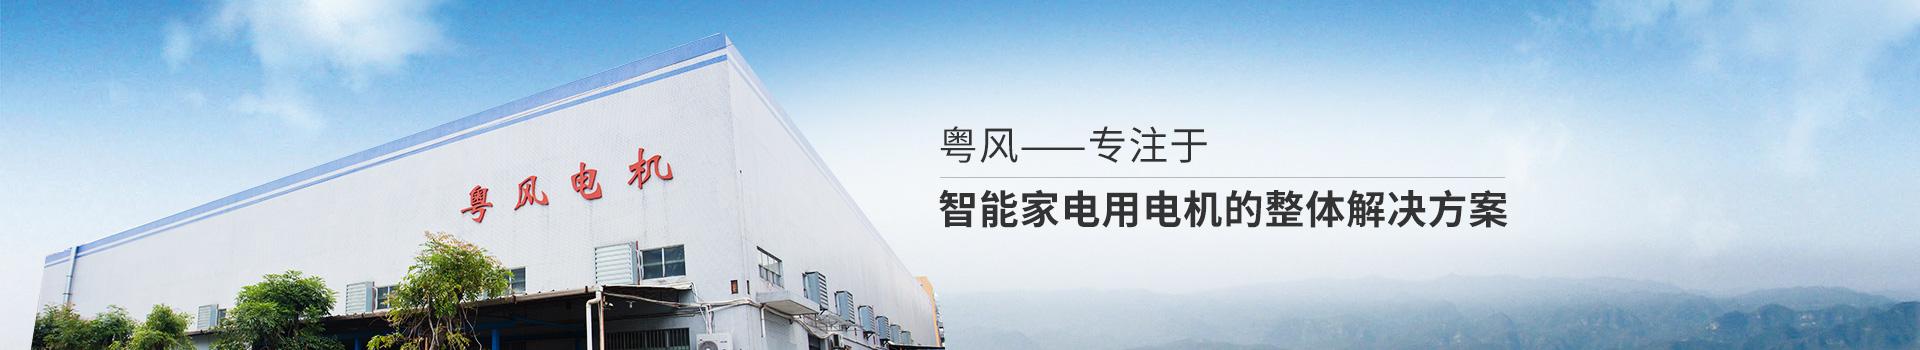 粤风电机-专注于智能家电用电机的整体解决方案